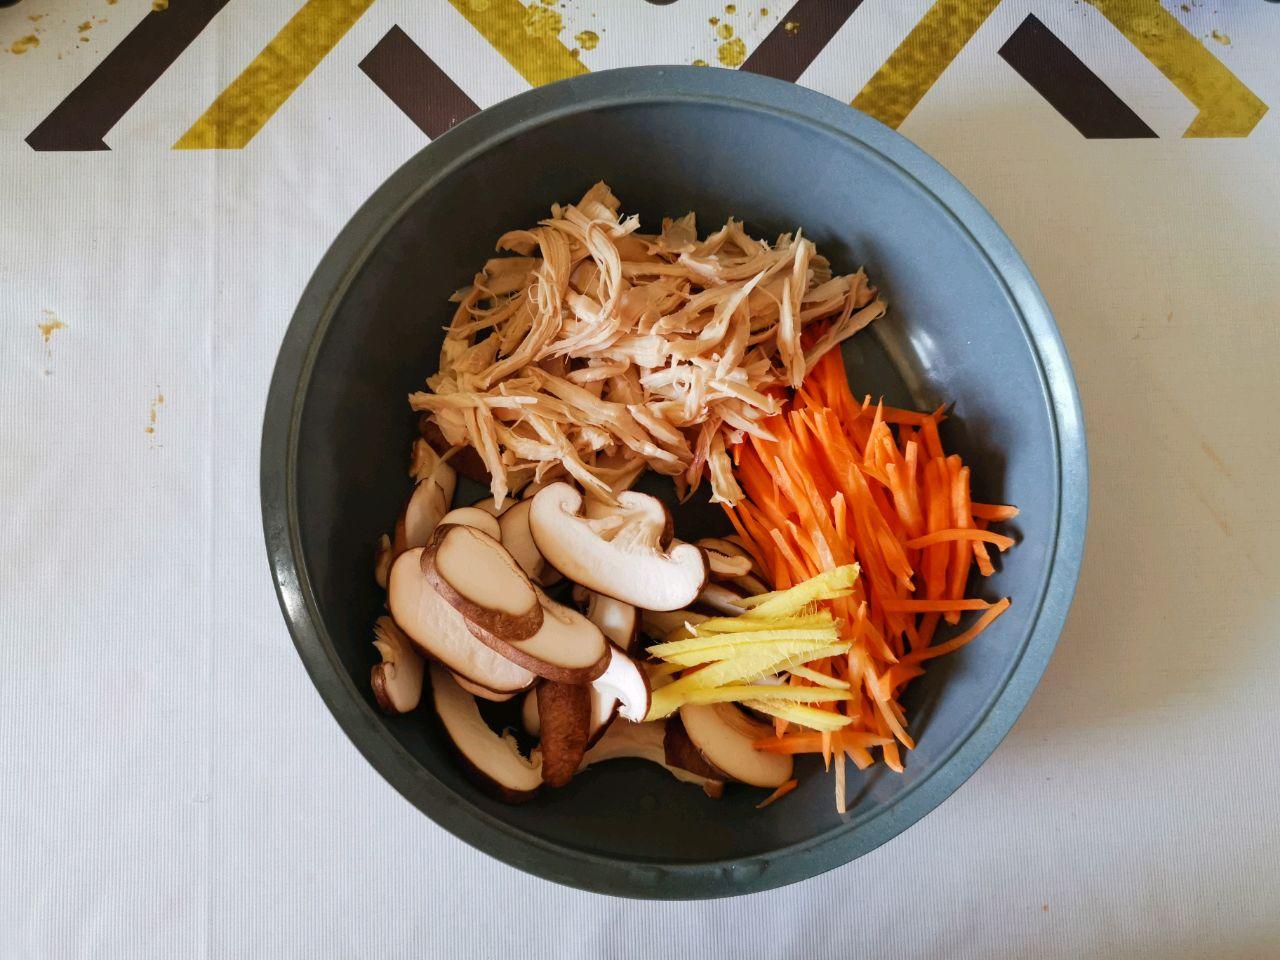 Dùng nồi cơm điện nấu cháo gà buổi tối, hôm sau cả nhà có món cháo nóng hổi cực ngon ăn sáng - Ảnh 4.